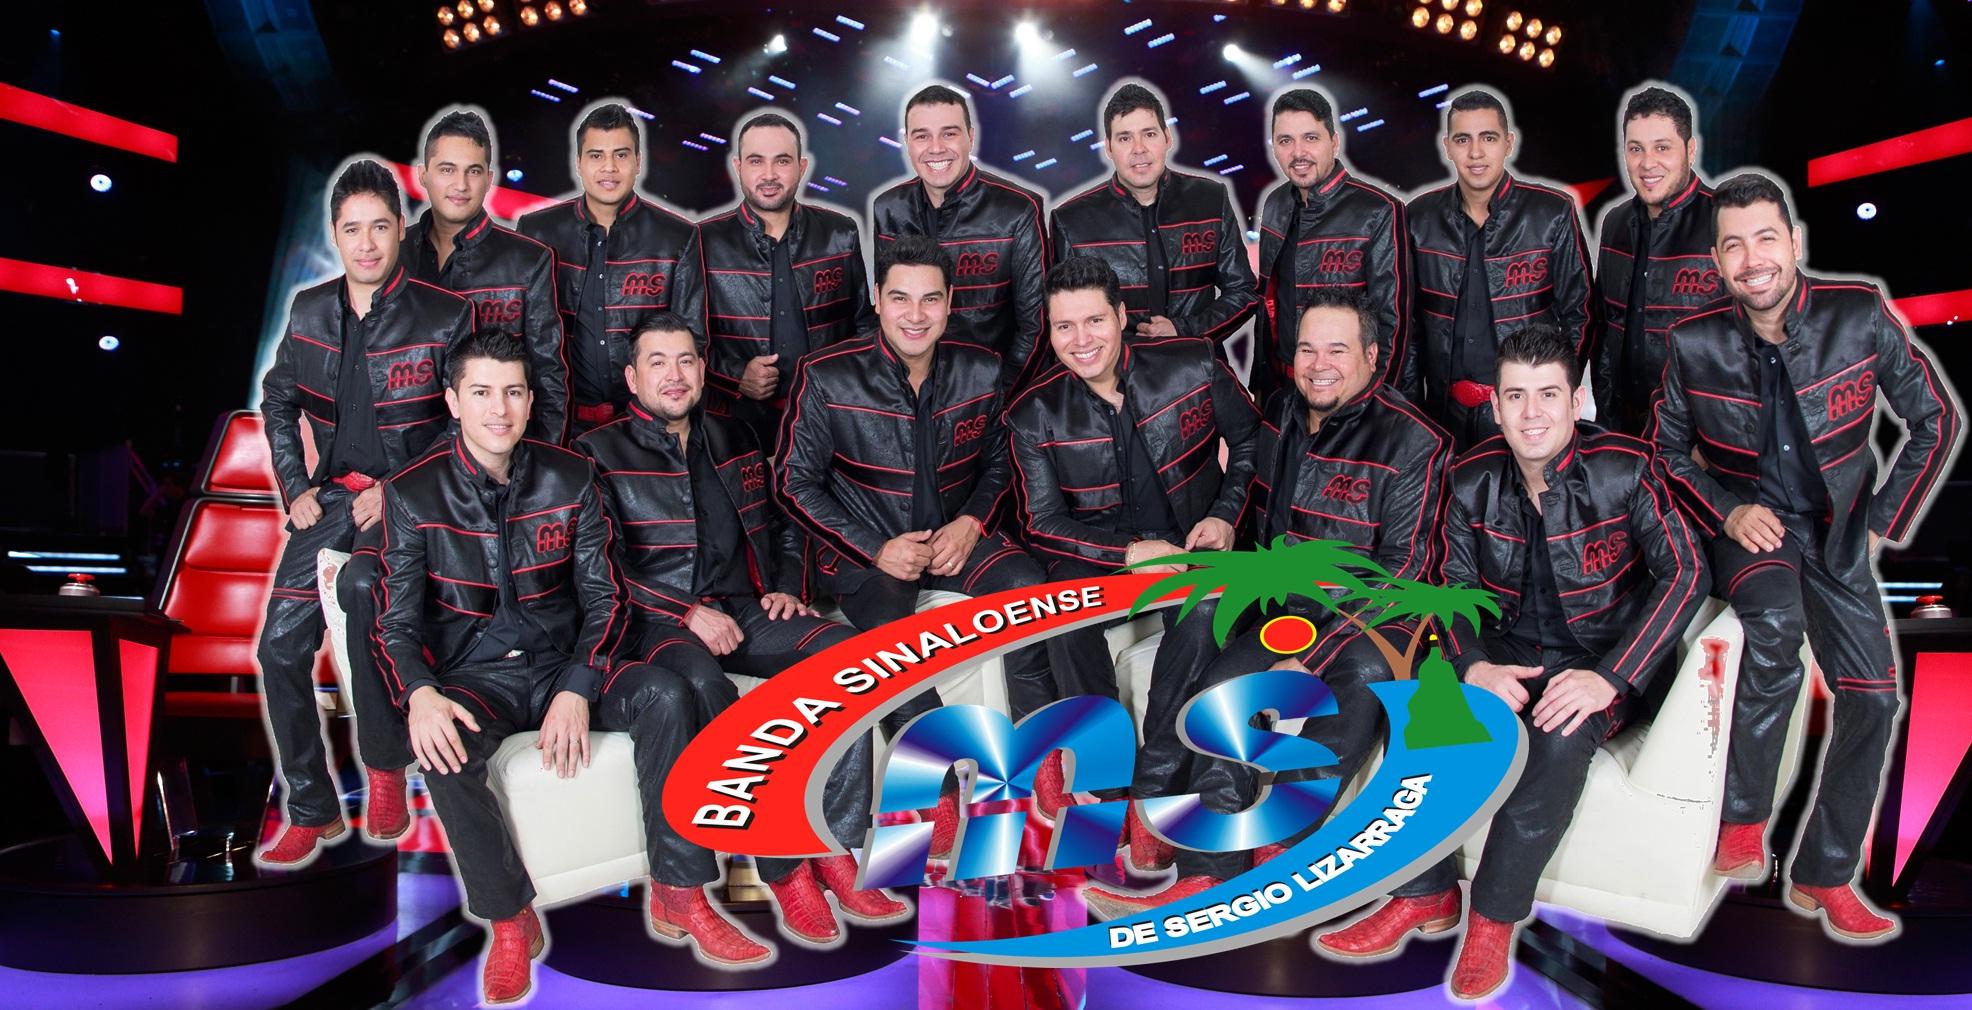 Regresa la banda MS a Chiapas para complacer a todos sus fans